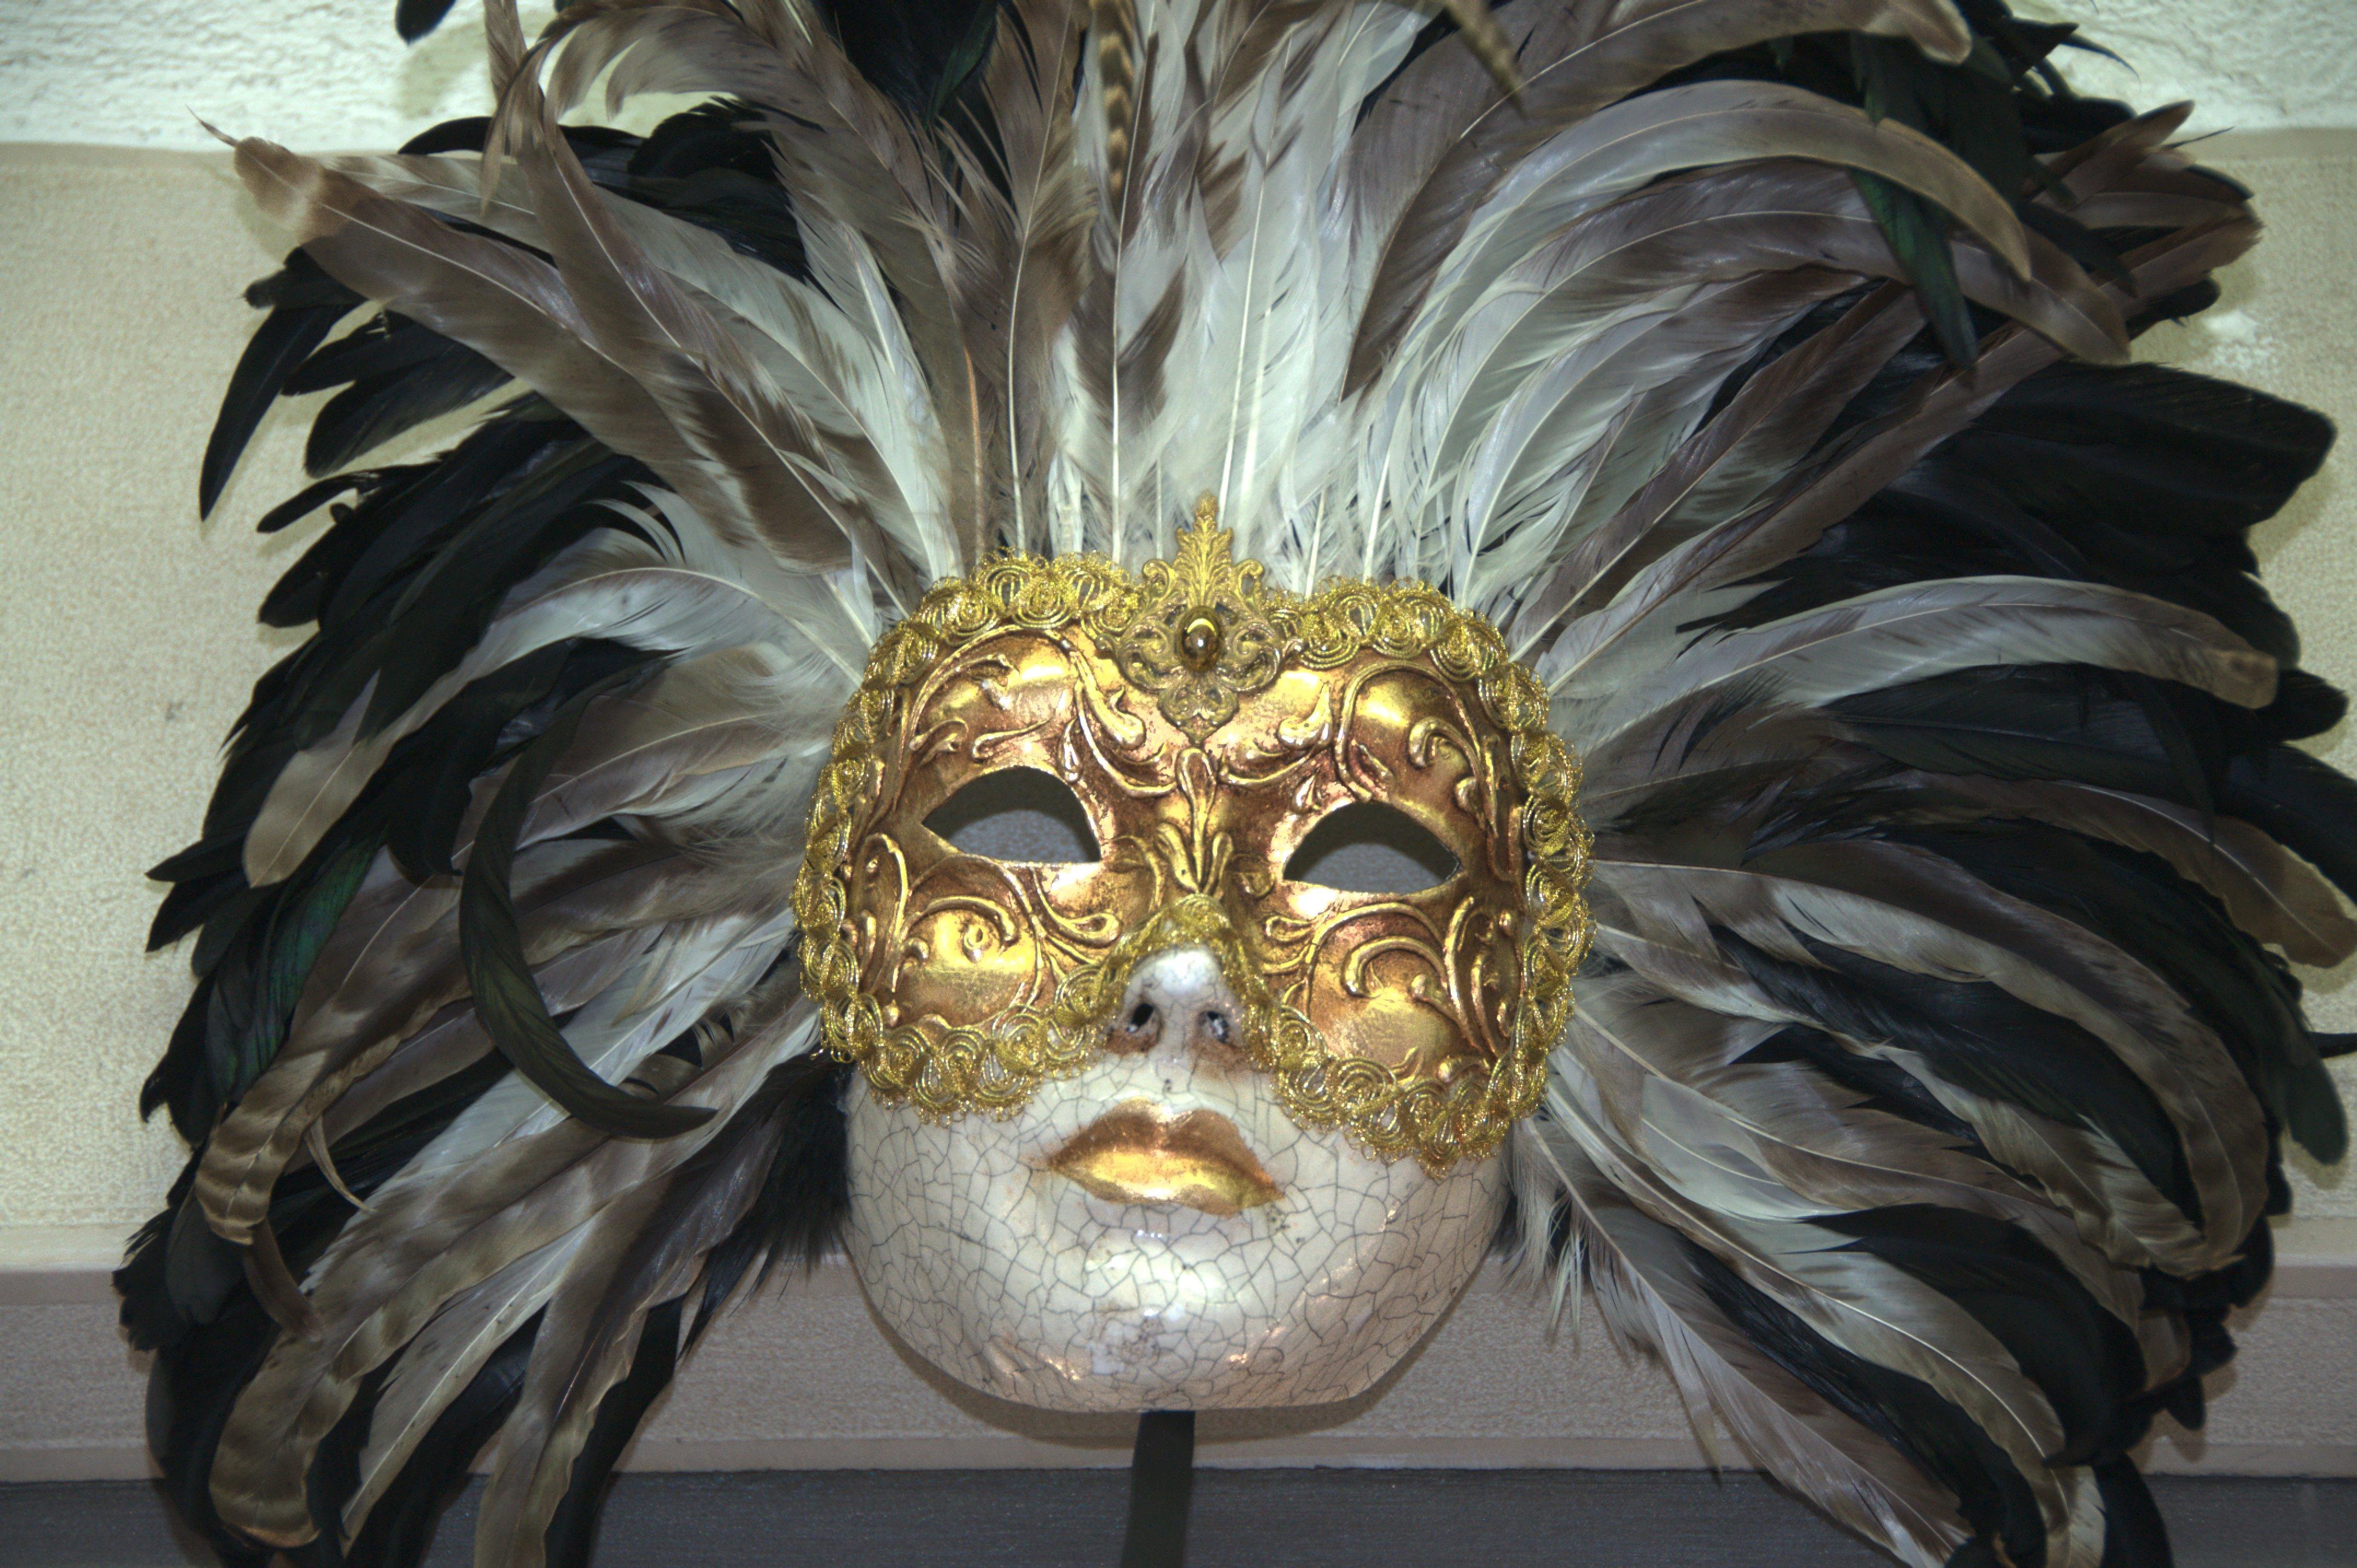 File:Venetian Carnival Mask - Maschera di Carnevale ...